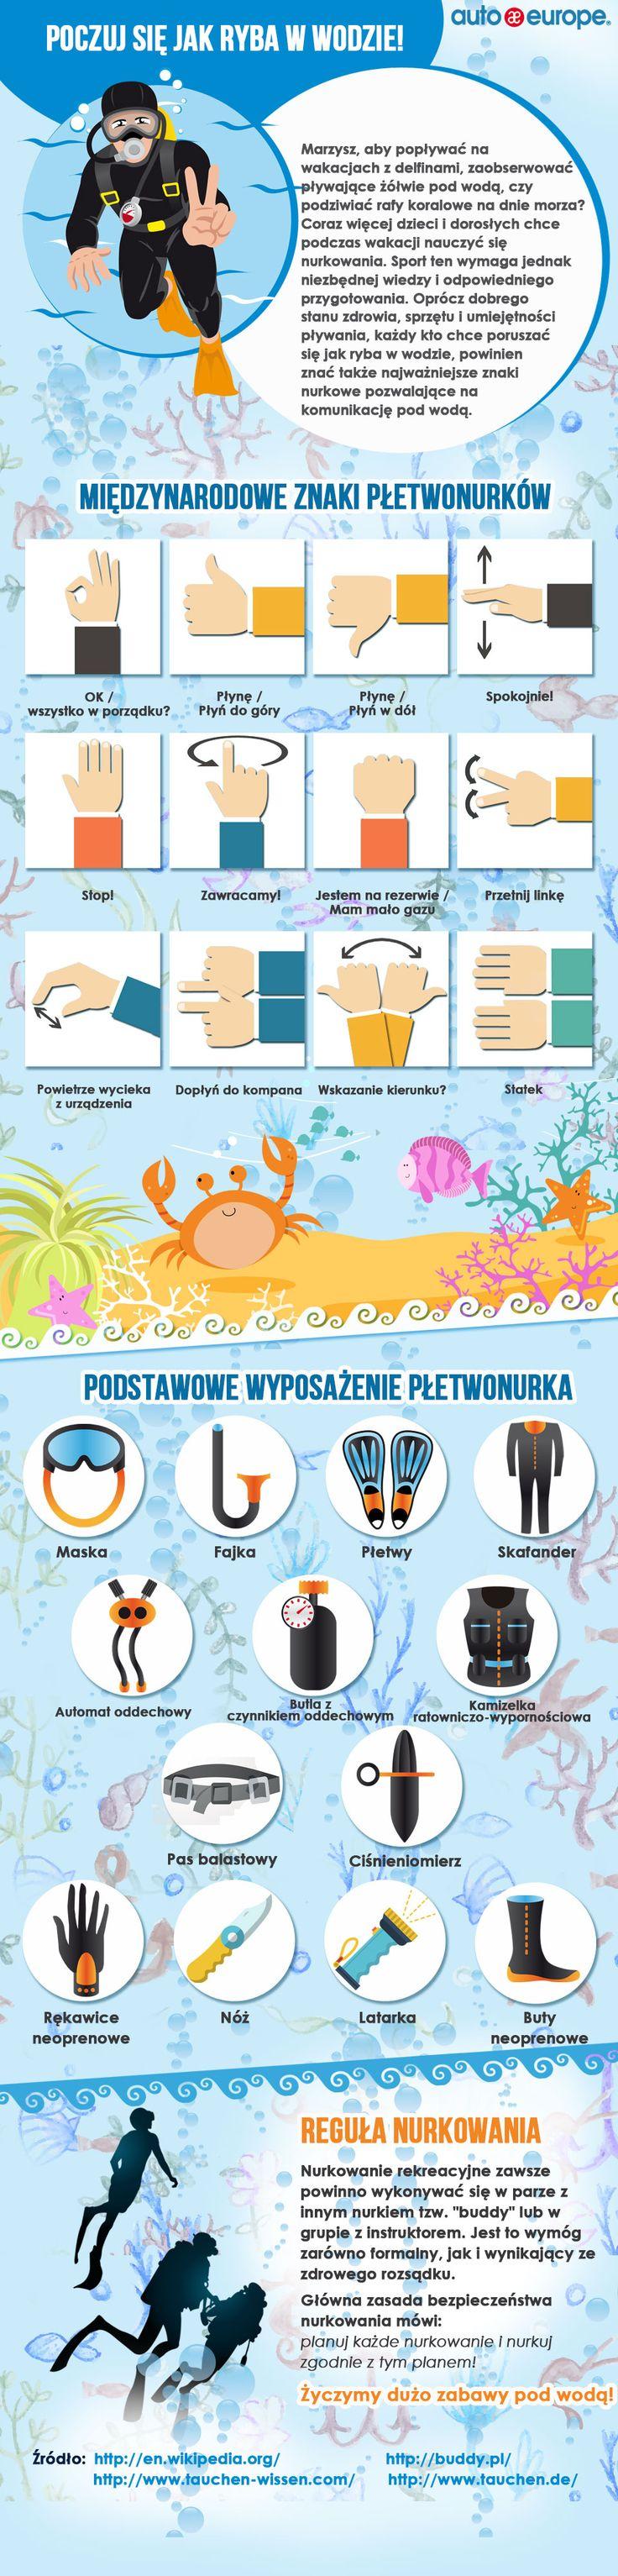 Infografika: Nurkowanie na wakacjach - Kliknij tu i zobacz nasze infografiki: http://www.autoeurope.pl/go/infografiki/